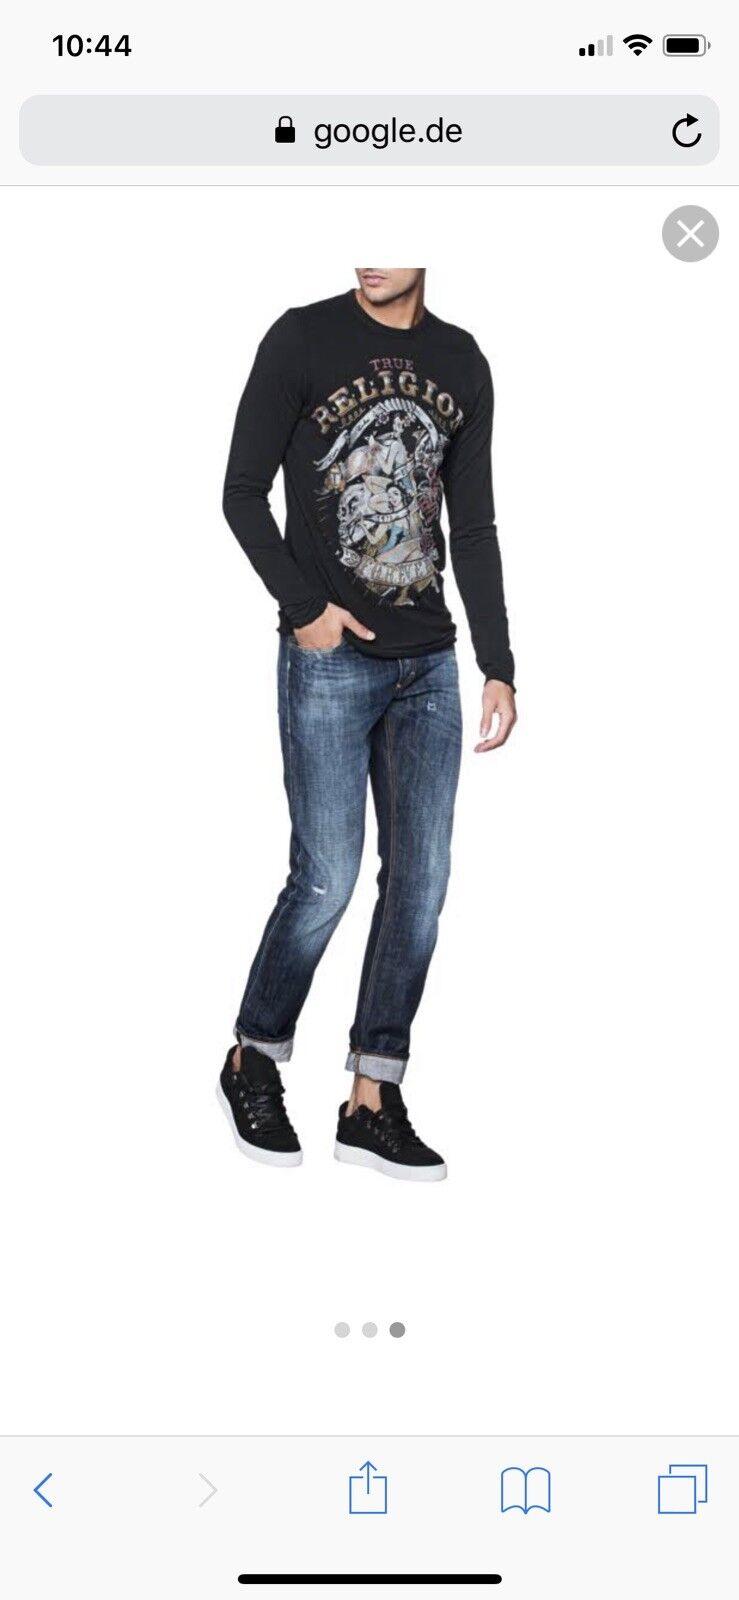 NEU 100% Originale CLOSED Jeans UNITY SLIM Größe 30 Herren  NEU | Hohe Qualität  | Deutschland Berlin  | Verwendet in der Haltbarkeit